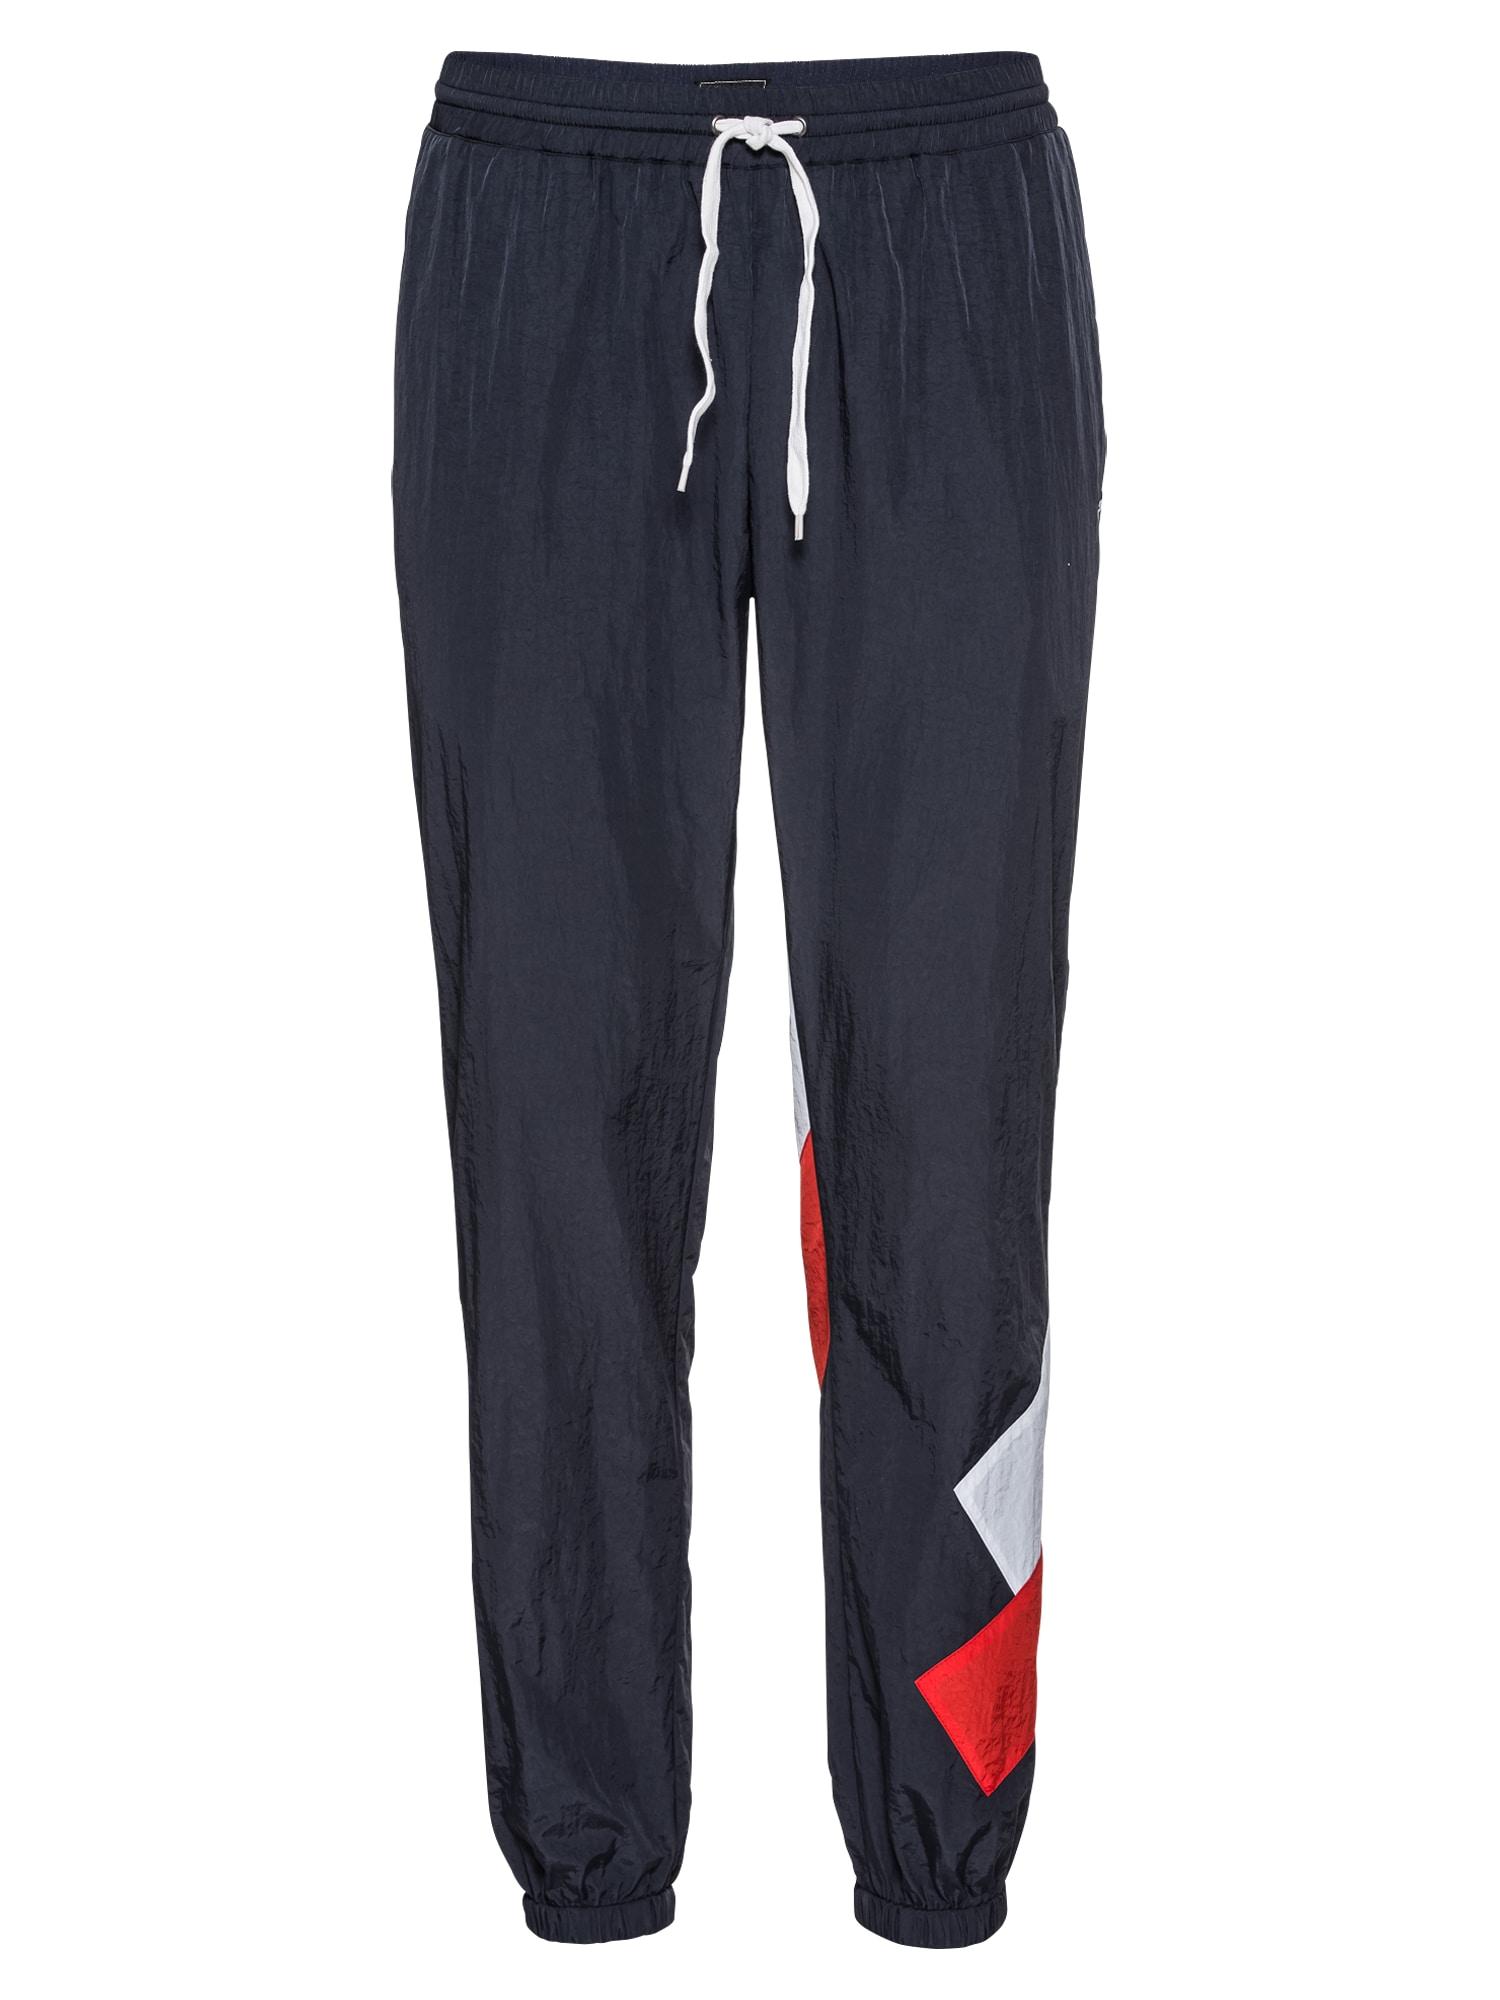 Kalhoty Get Down Track Pant námořnická modř červená bílá Iriedaily